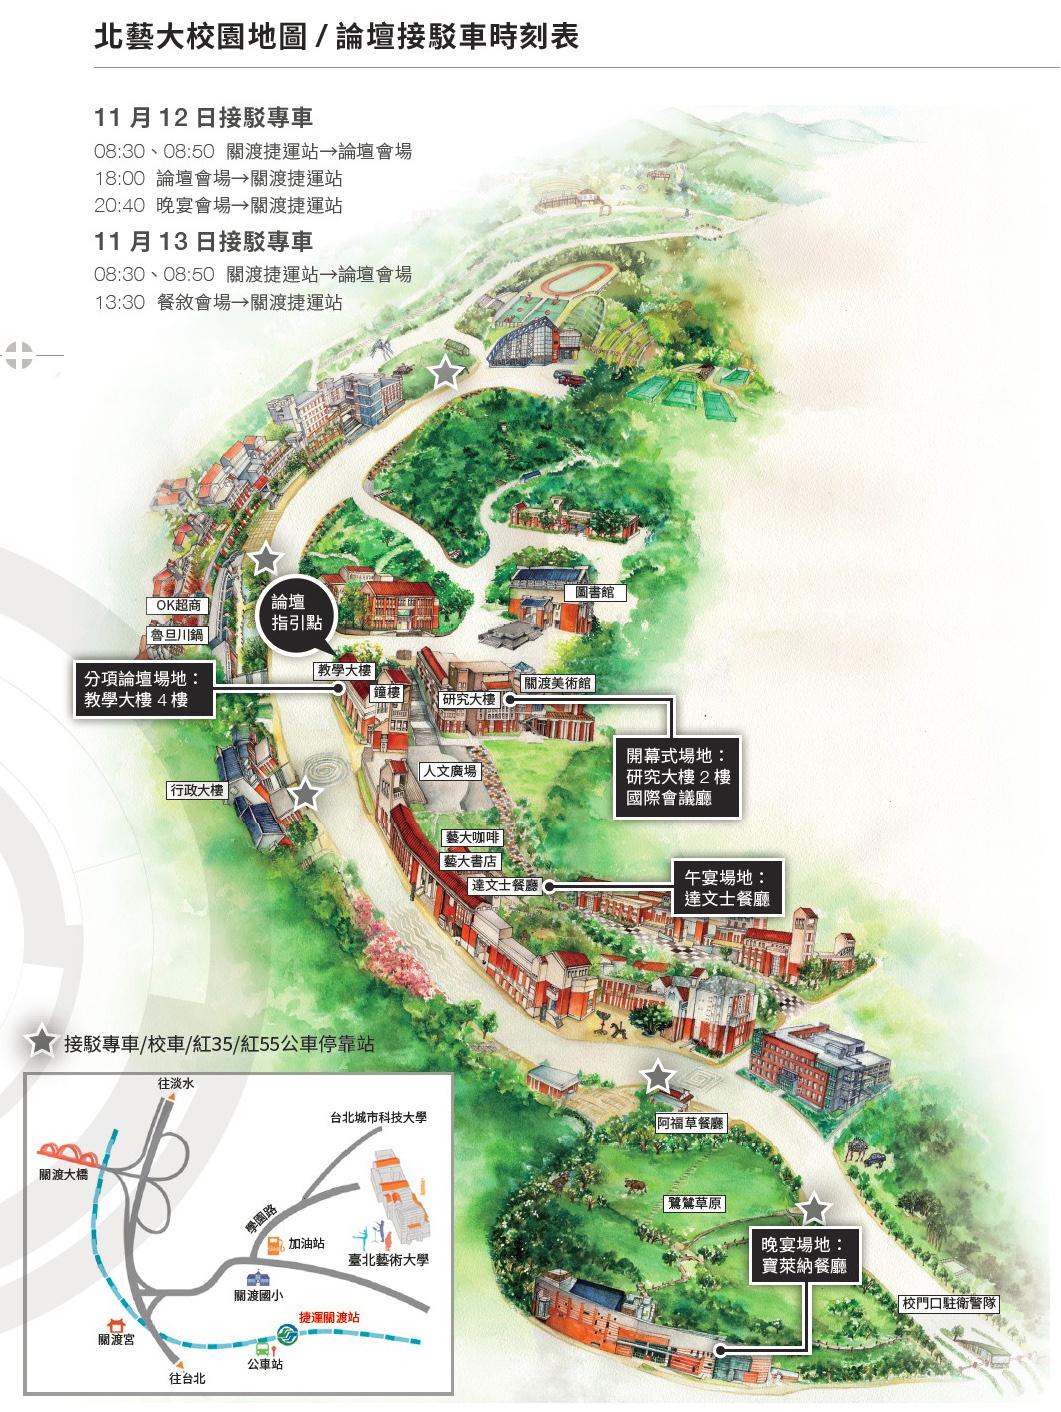 tnua-map